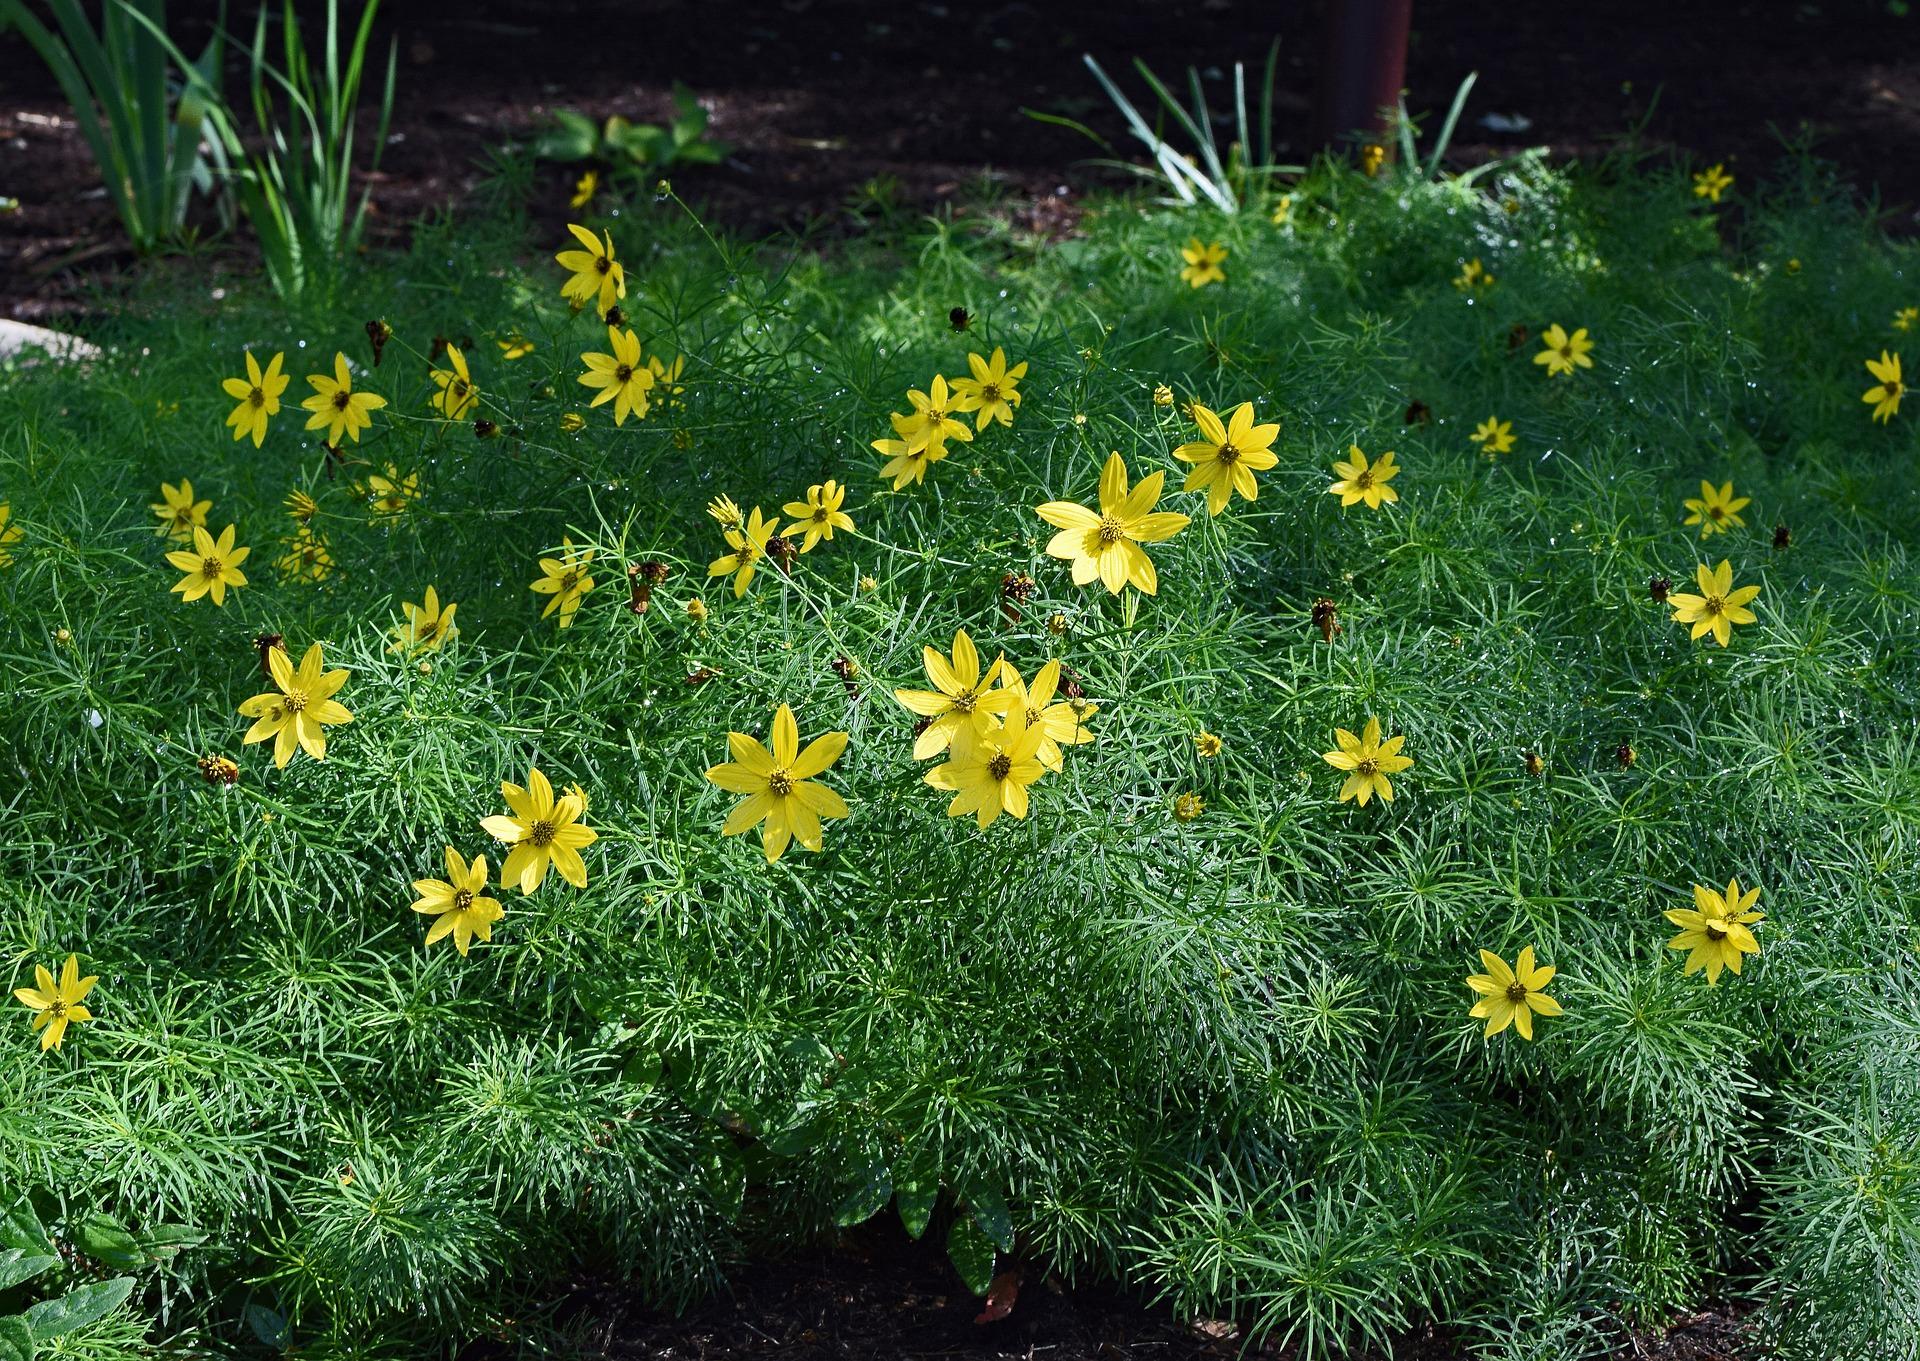 Yellow flowering coreopsis